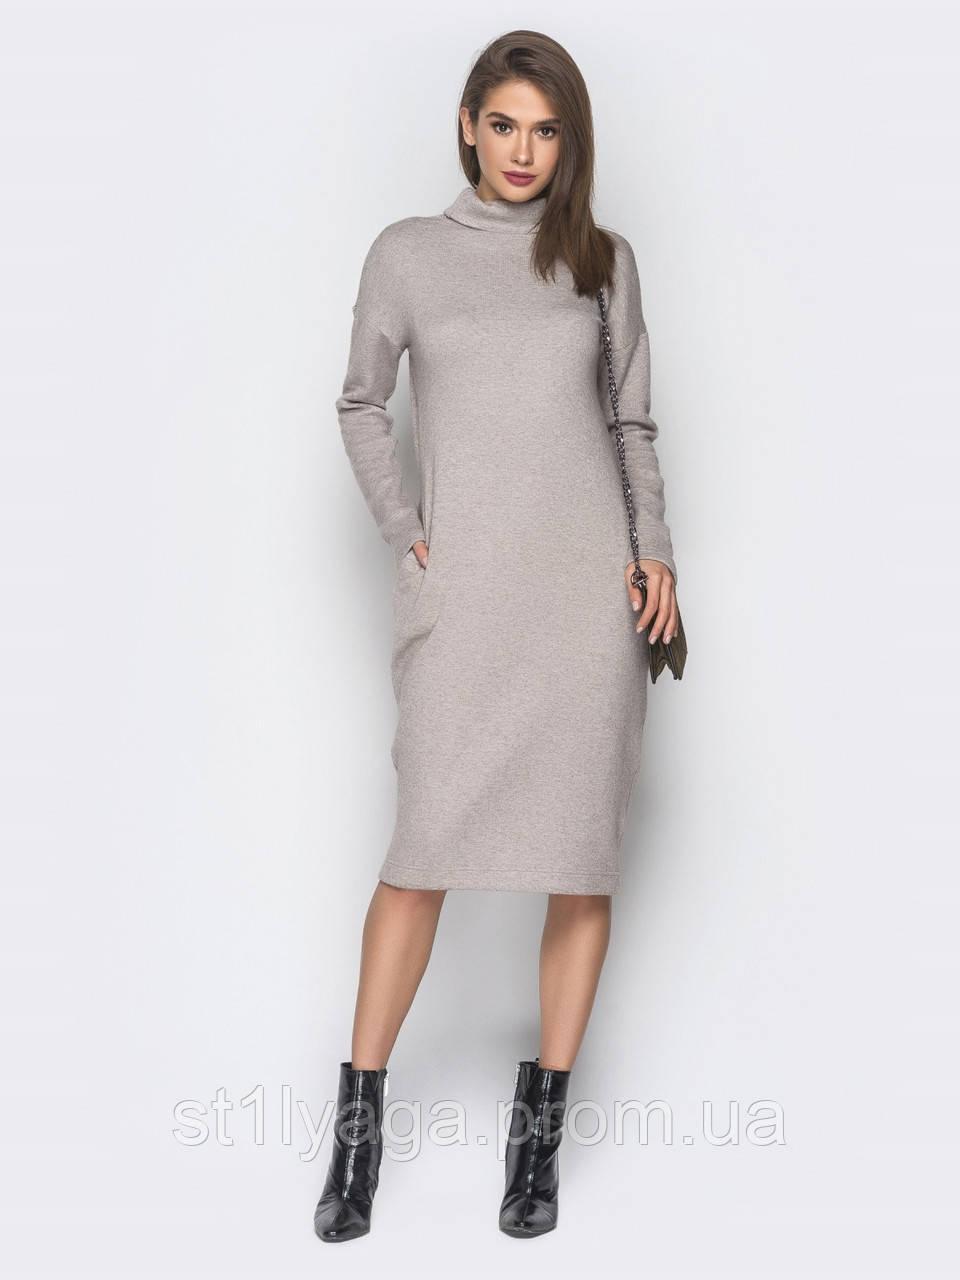 f491bd291b0 Теплое платье-гольф из ангоры длиной миди с воротником хомут и карманами в  боковых швах